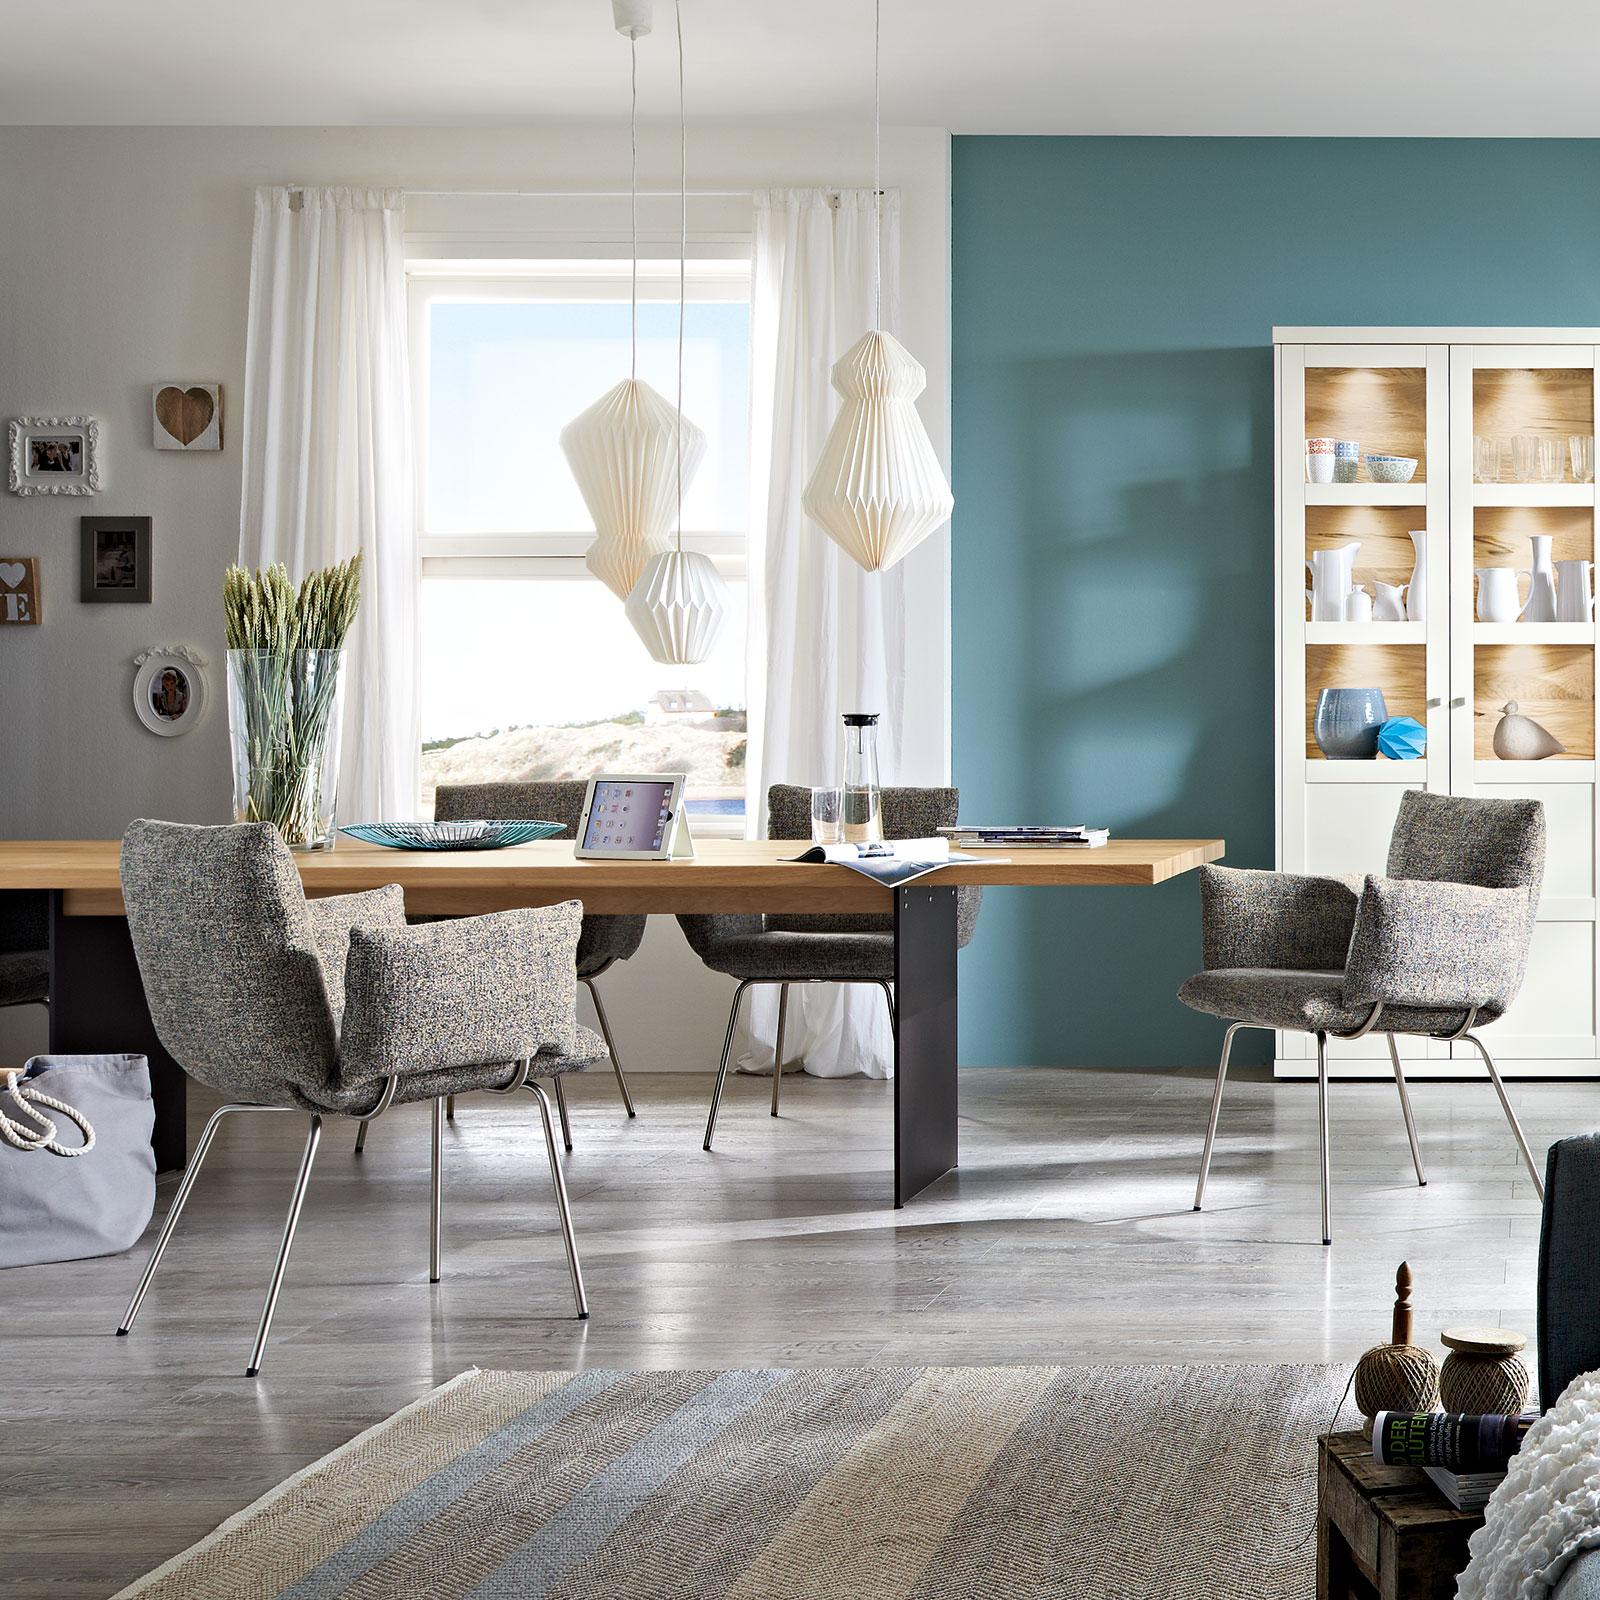 venjakob stuhl maika m bel b r ag. Black Bedroom Furniture Sets. Home Design Ideas